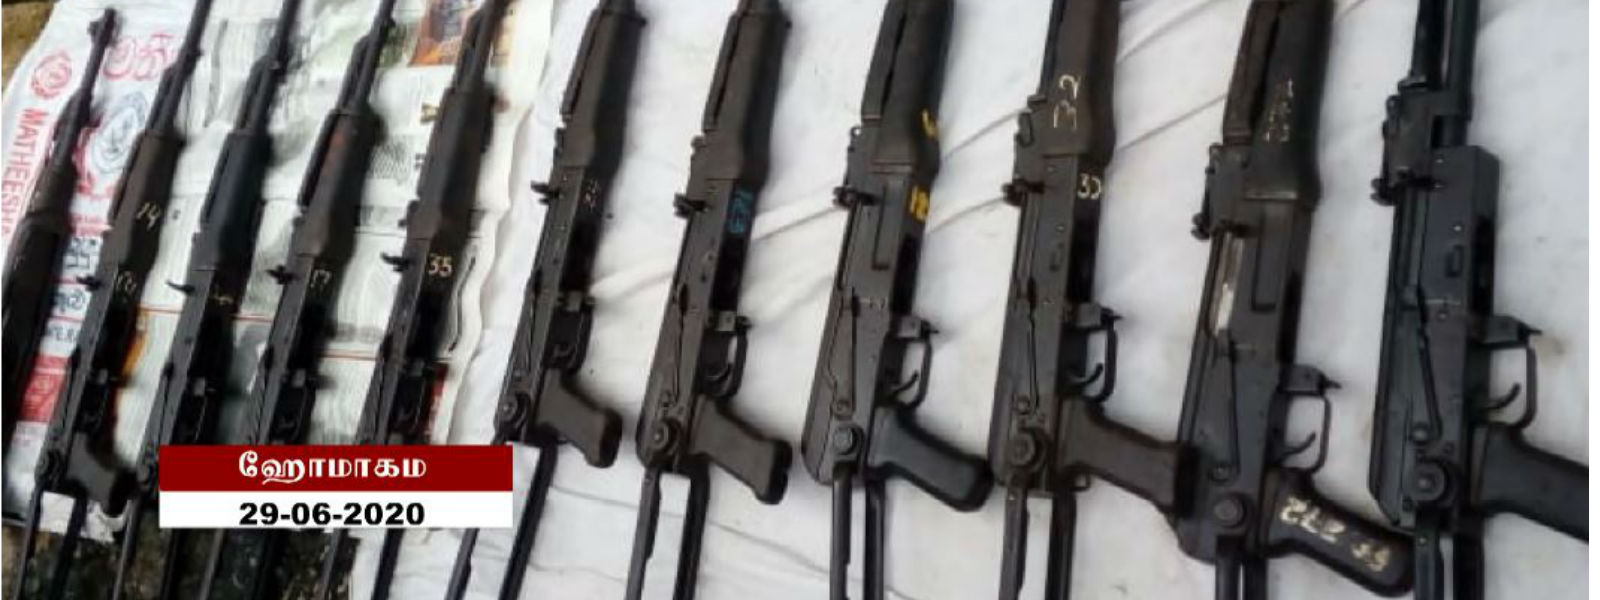 ஹோமாகமயில் துப்பாக்கிகள் மீட்கப்பட்டமை குறித்த விசாரணைகள் CID இடம் ஒப்படைப்பு